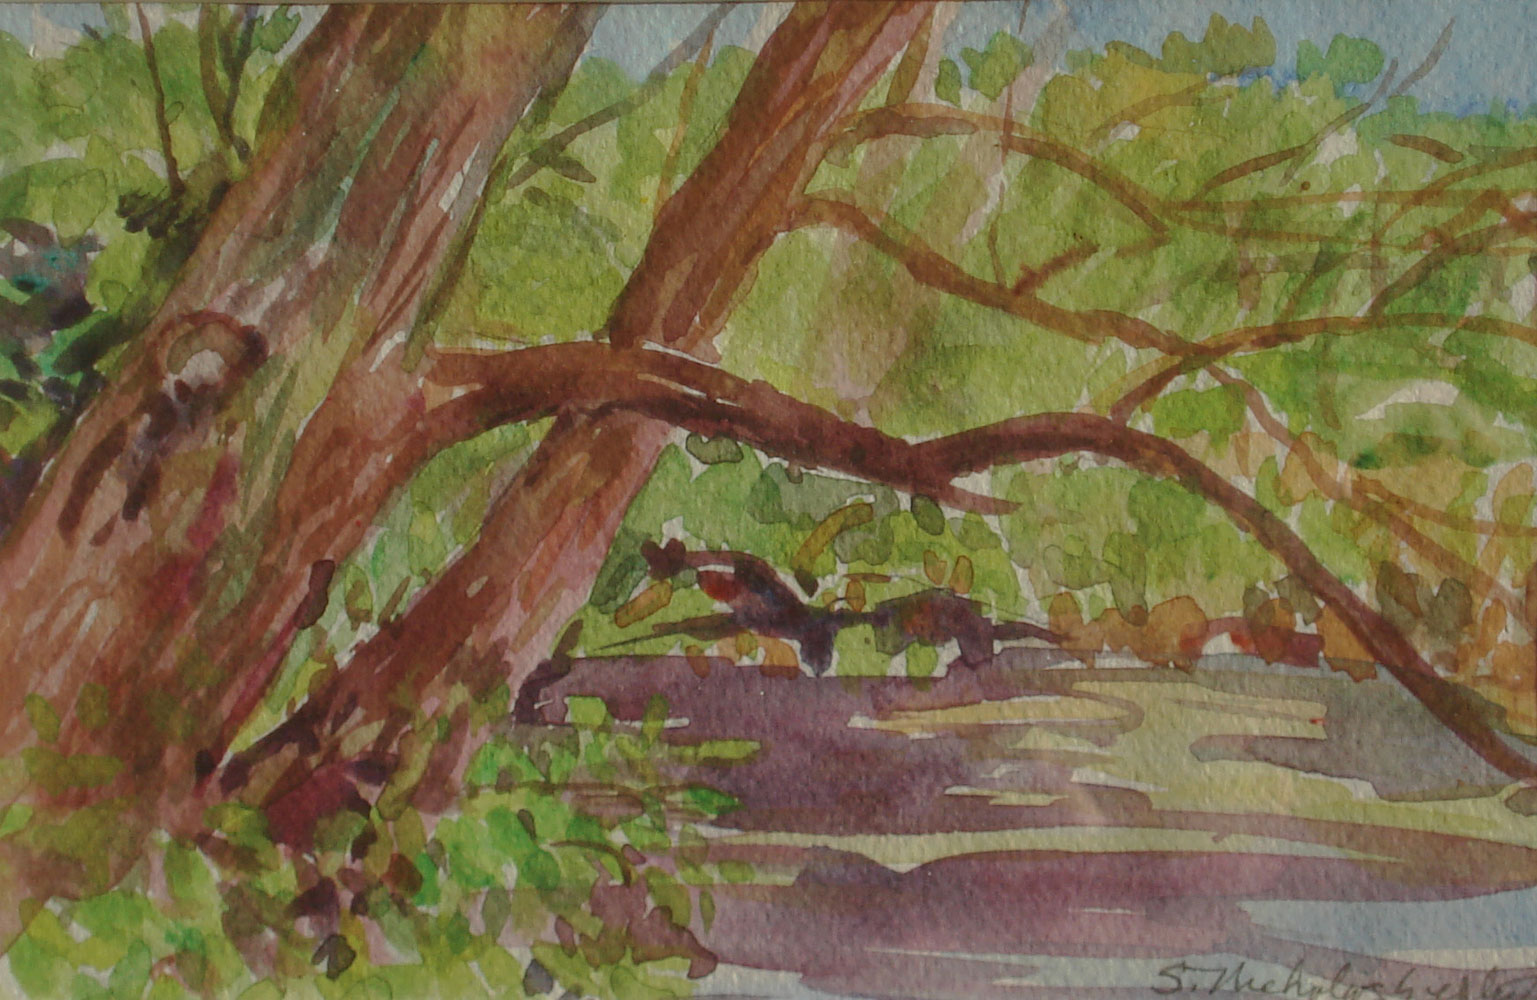 Millbrook Marsh Willow